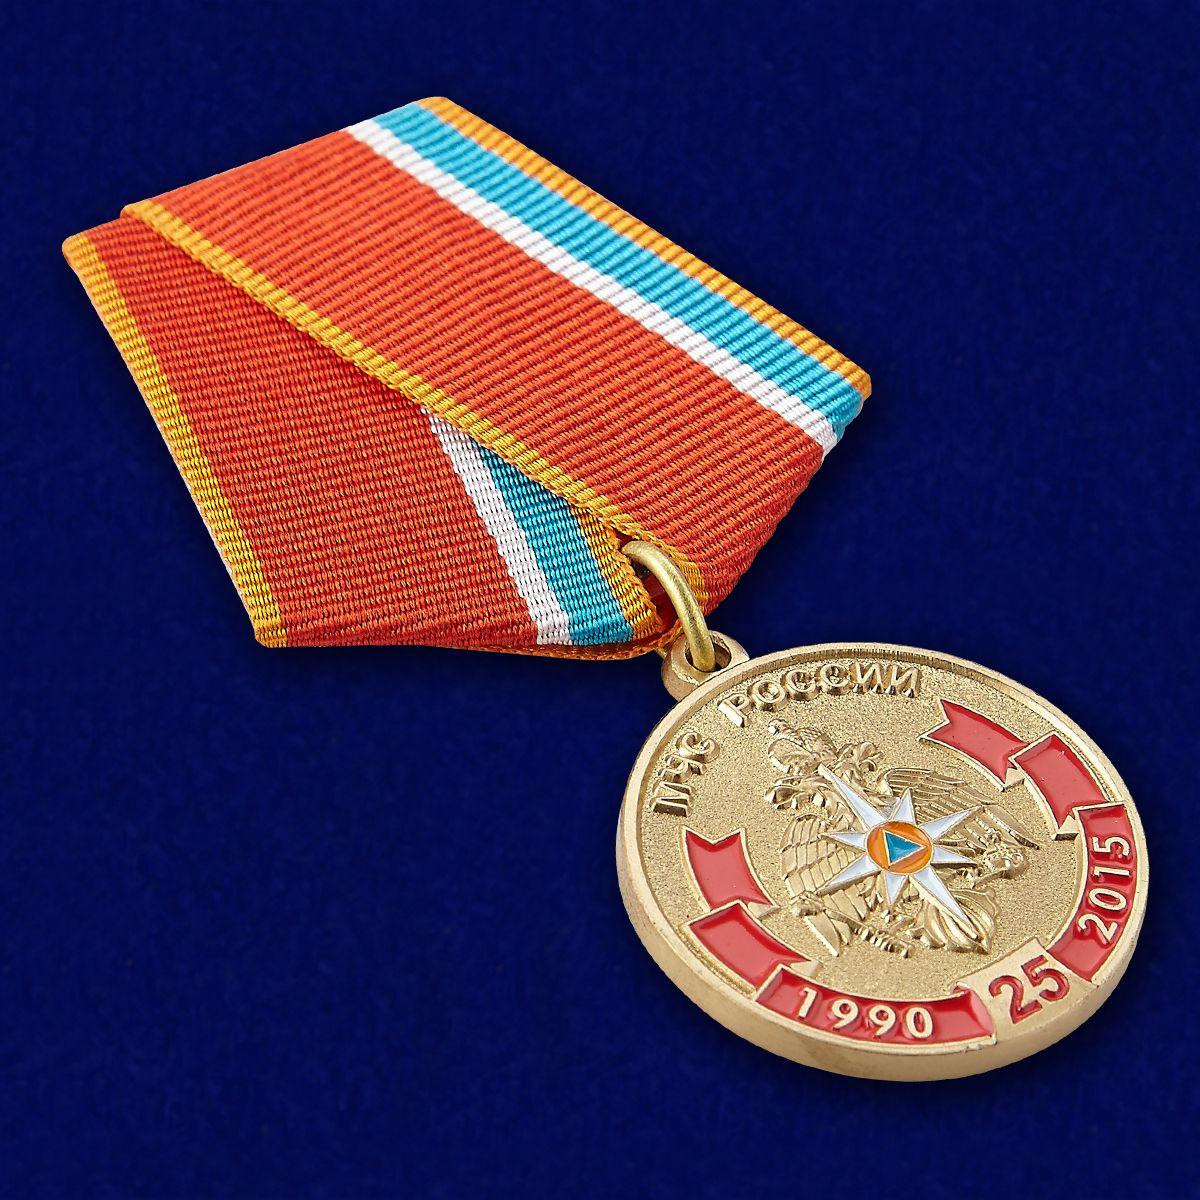 Юбилейные медали купить в СанктПетербурге в магазине